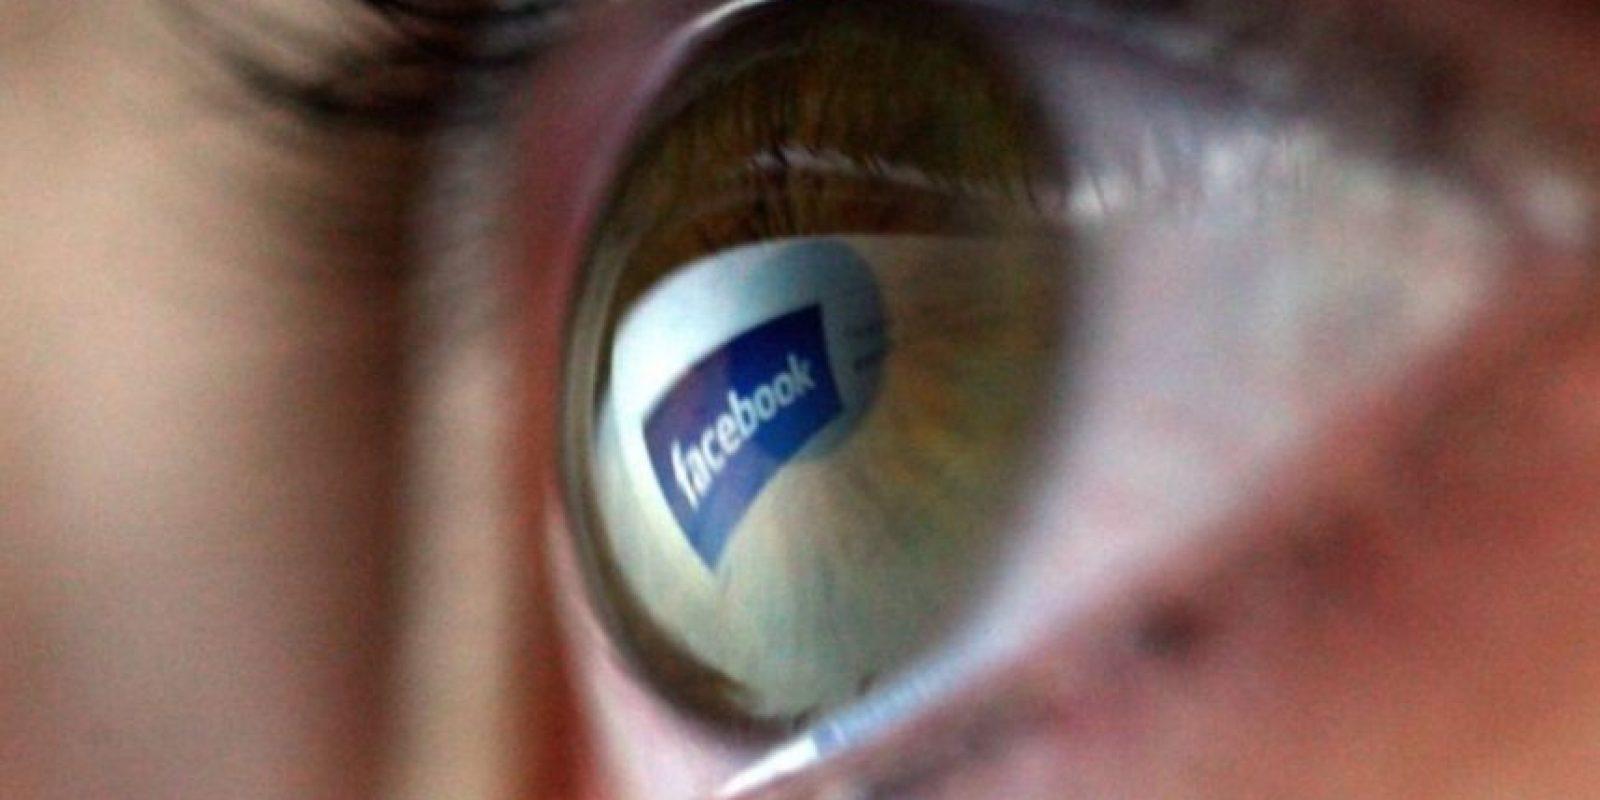 Expertos aseguran que Facebook ha experimentado con sus usuarios. Foto:Getty Images